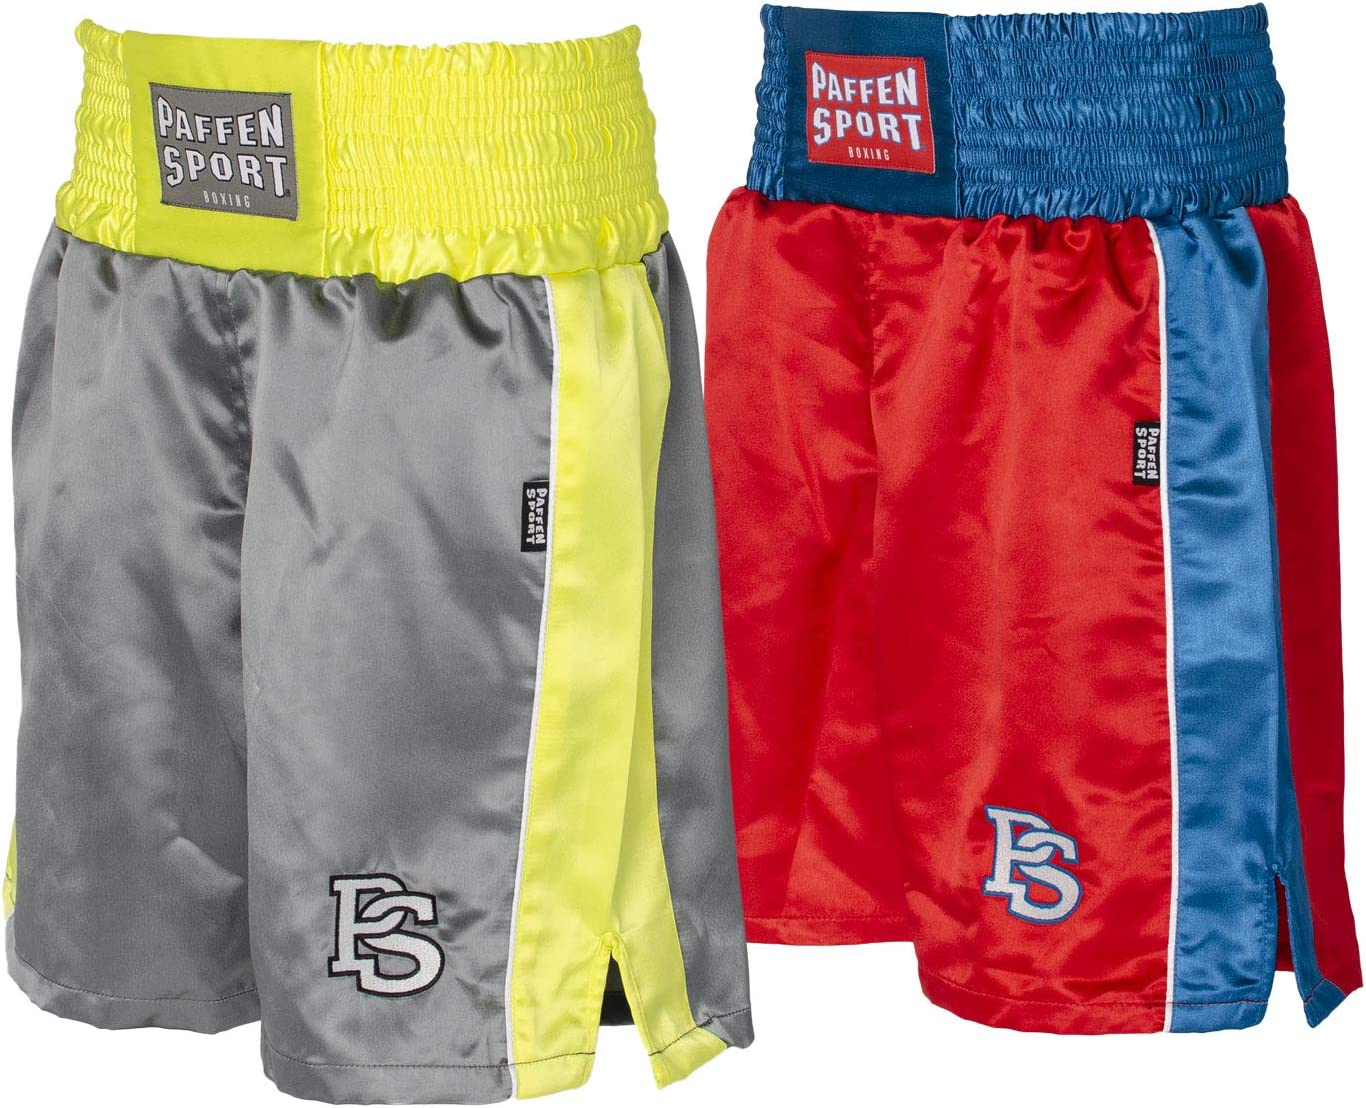 Inlefen Kinder Sanda Kleidung Jungen /& M/ädchen Erwachsene Boxen Set Boxing Shorts Muay Thai Kleidung Kampfsporttraining tragen Sportbekleidung